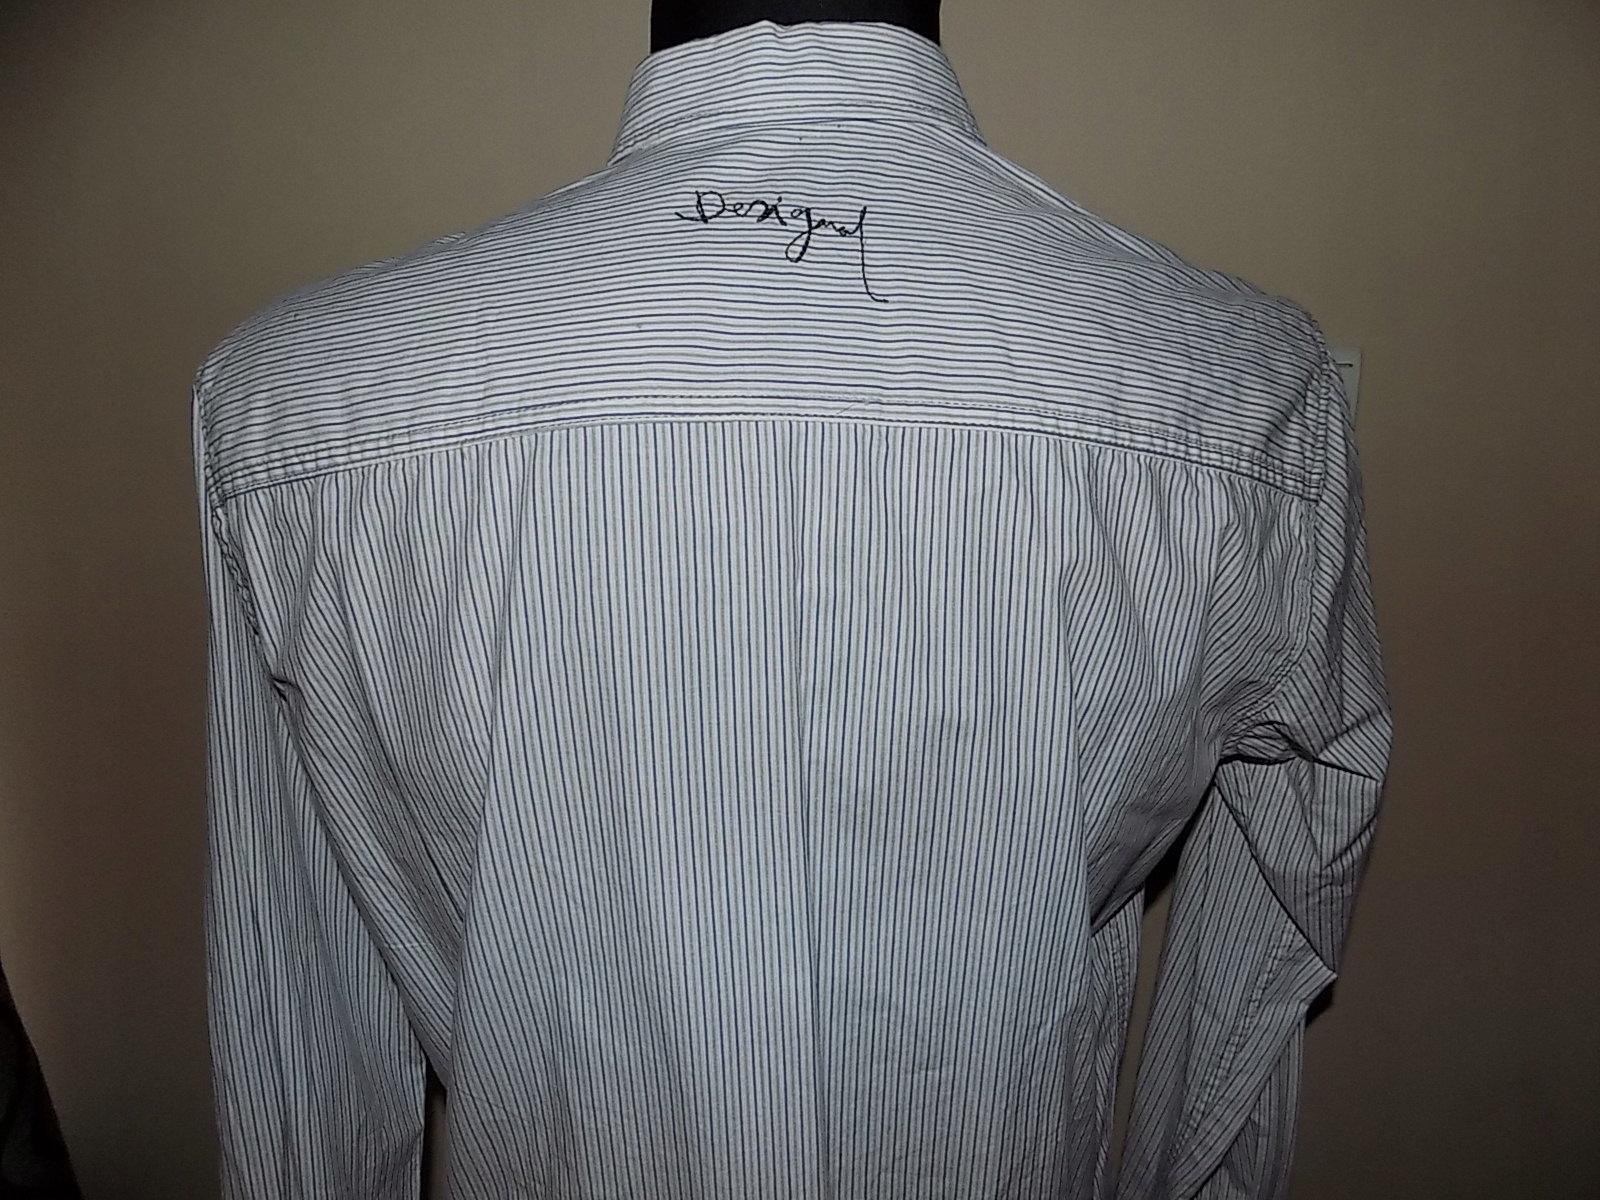 Desigual koszula męska L 41 napisy paski 7695393592 Allegro.pl  KvJ4T